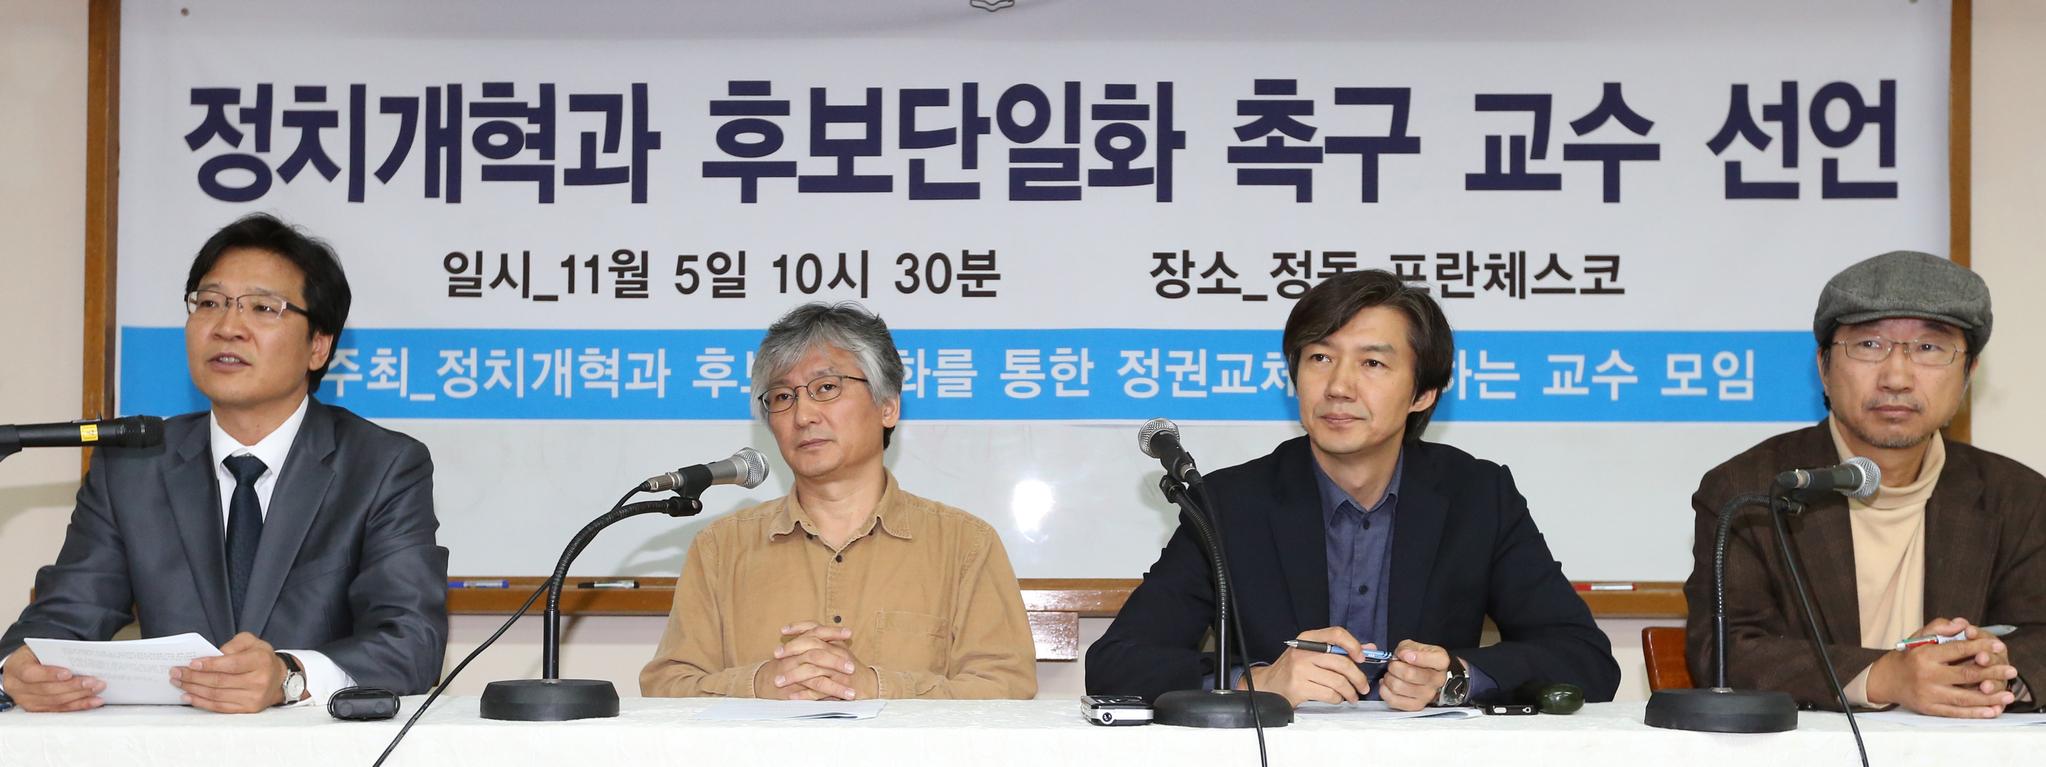 지난 2012년 11월 5일 '정치개혁과 후보단일화를 촉구하는 교수선언 기자회견'에서 참석 교수들이 문재인과 안철수 두 야권 후보에게 단일화를 촉구하고 있다. 맨 왼쪽이 조성대 중앙선거관리위원 후보자. 뉴스1